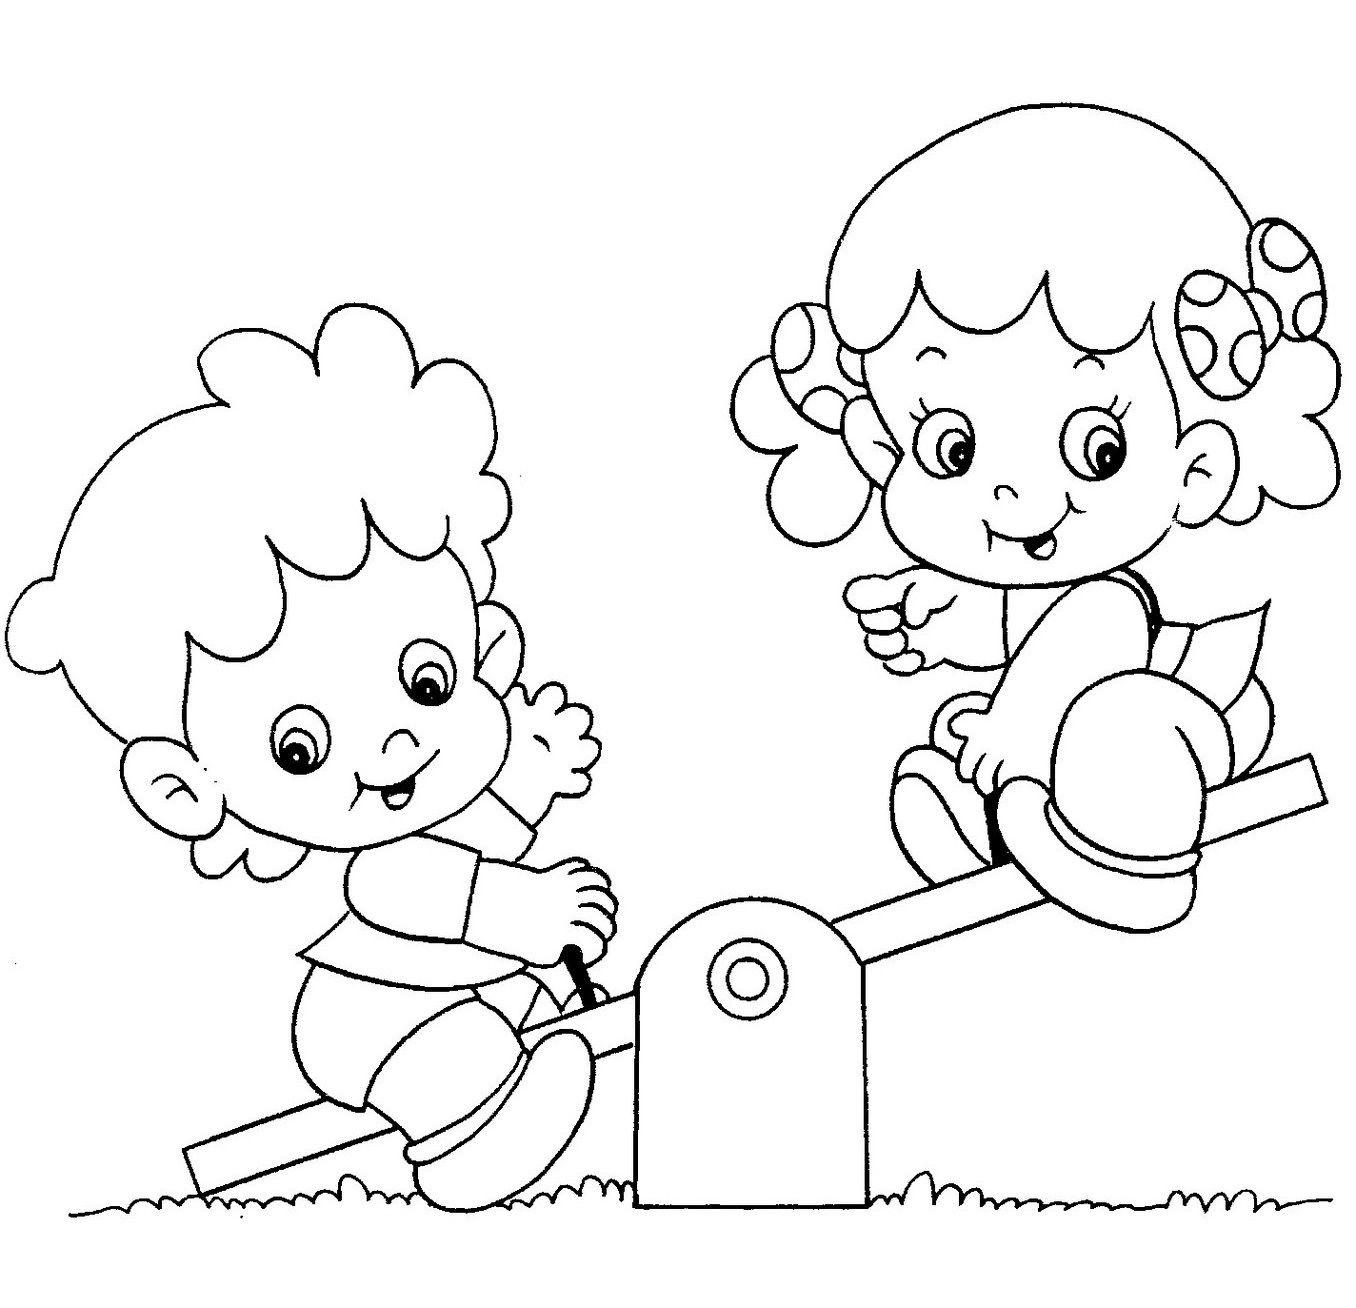 meninos e meninas para pintar desenho risco crian c3 a7a crian c3